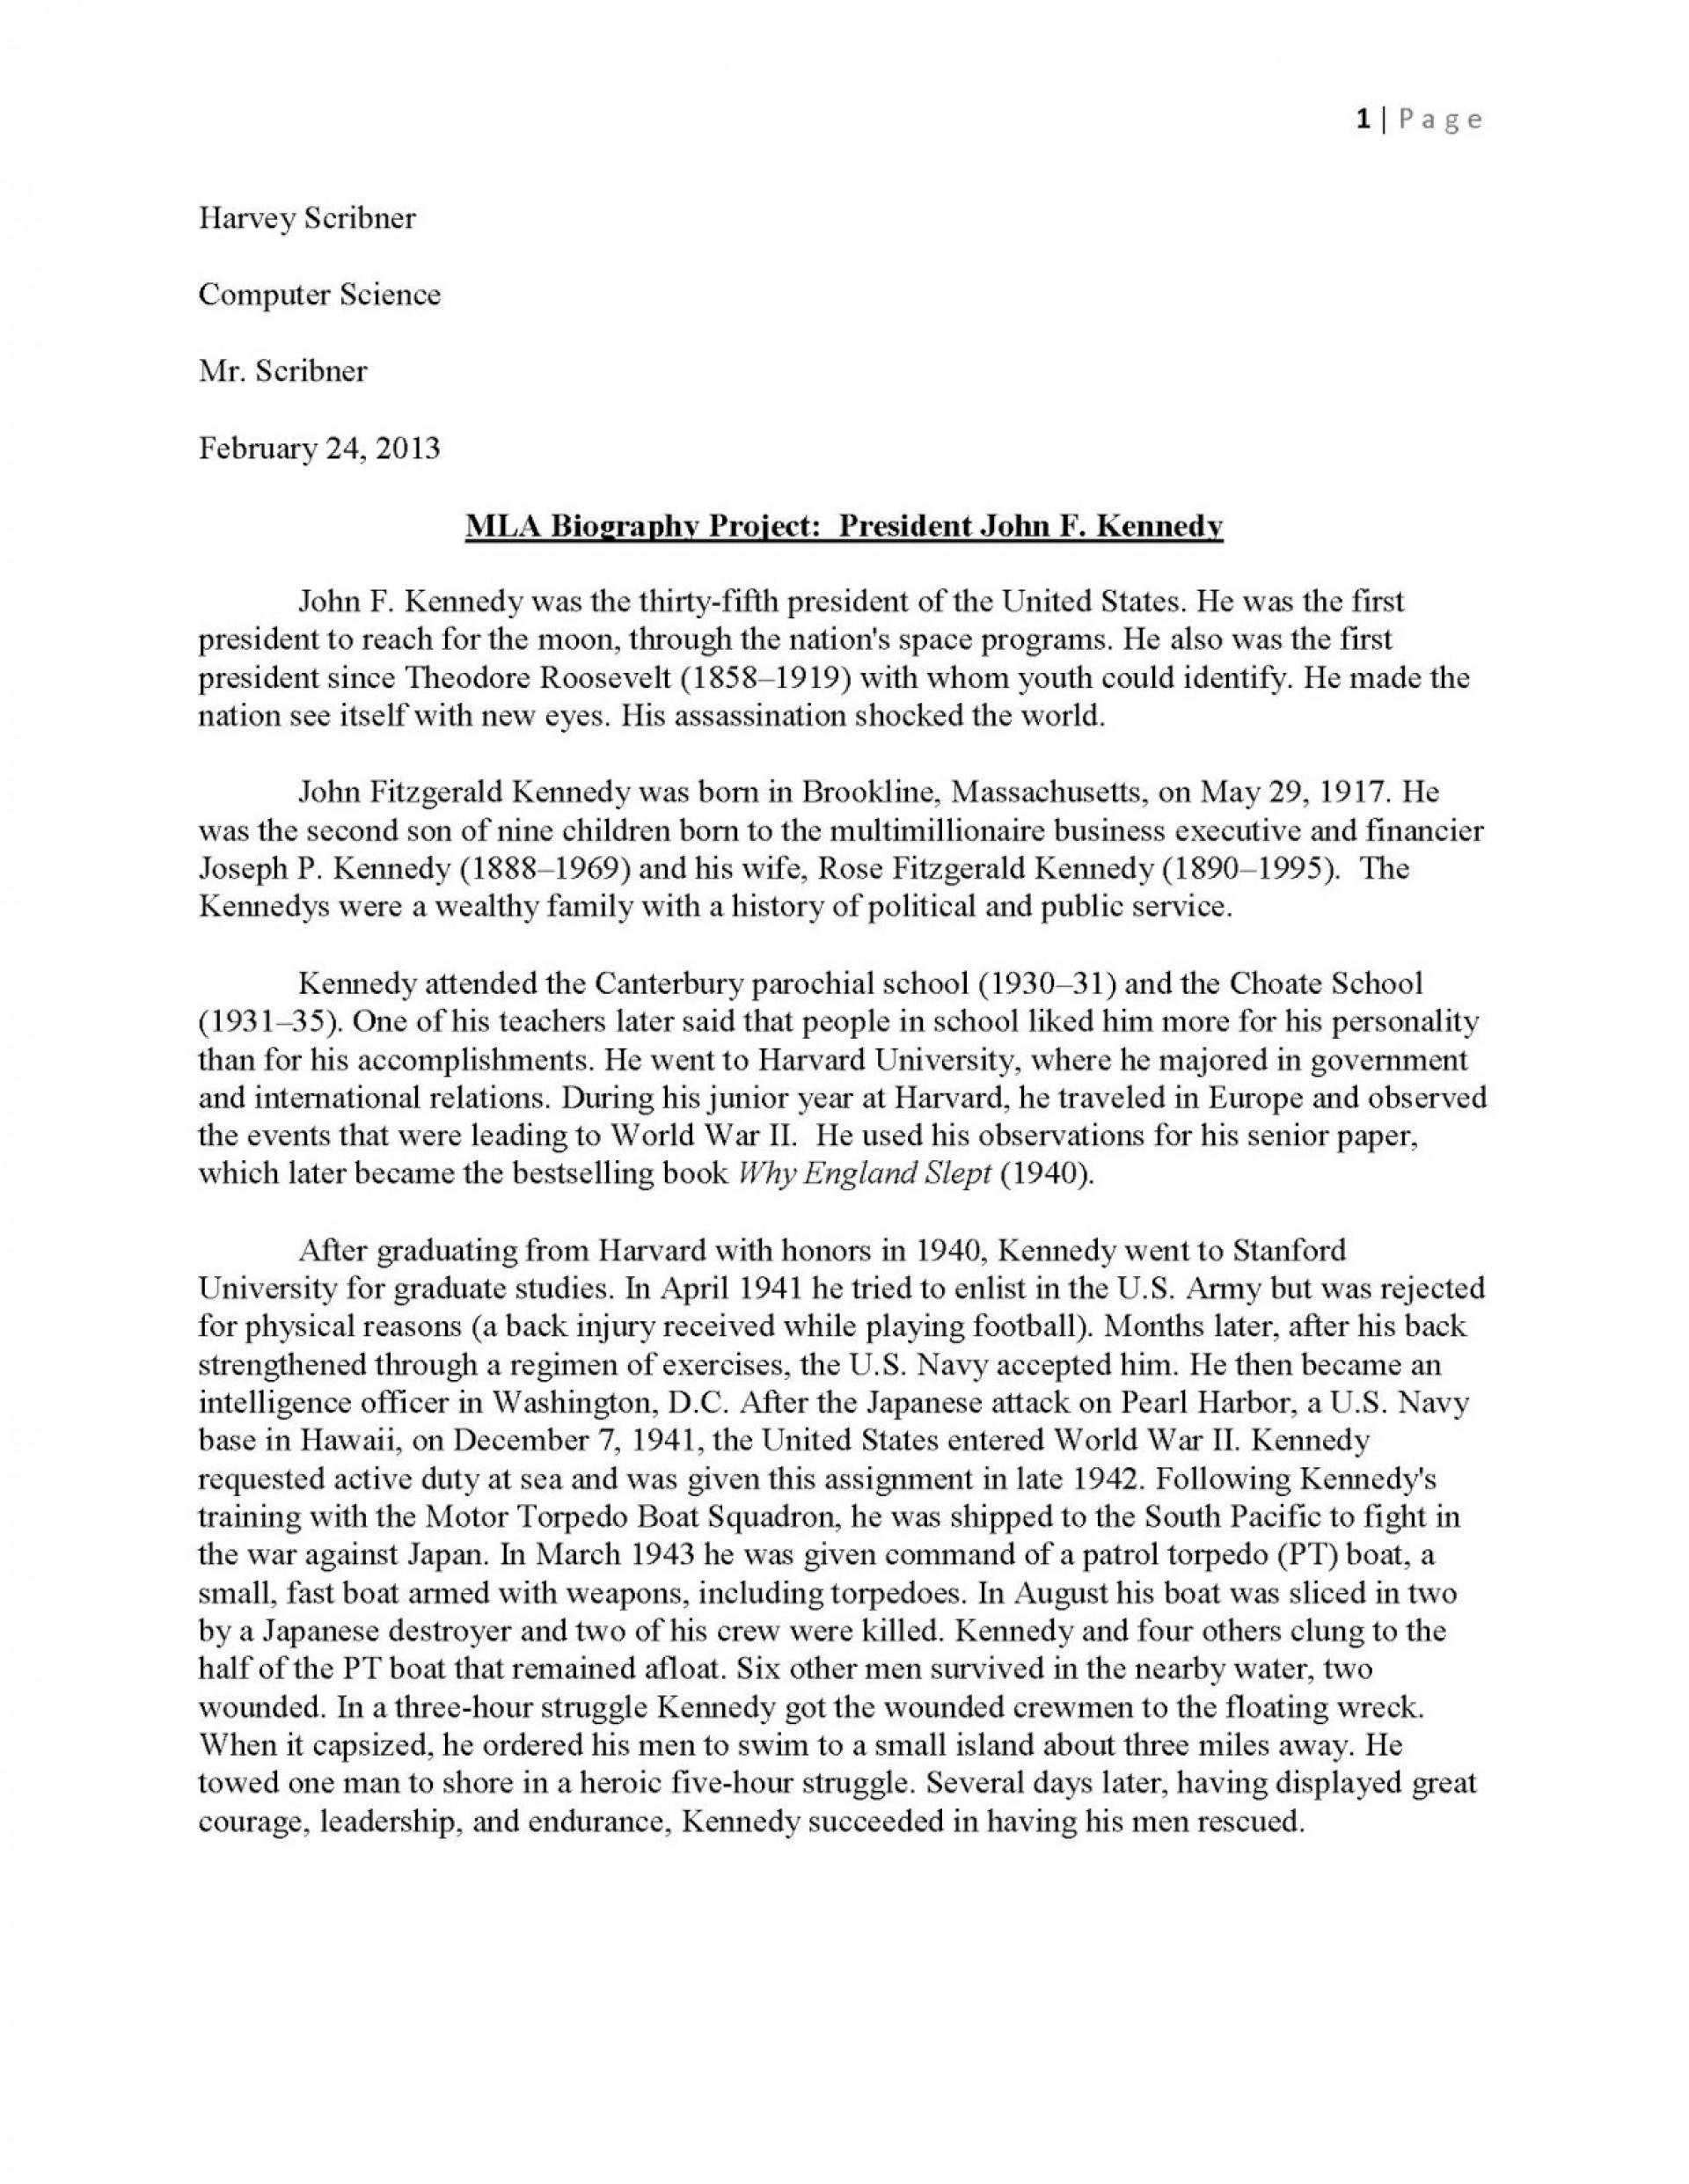 011 Essay Example Jfkmlashortformbiographyreportexample Page 1 Unusual Autobiography Examples Autobiographical Incident Format Samples 1920